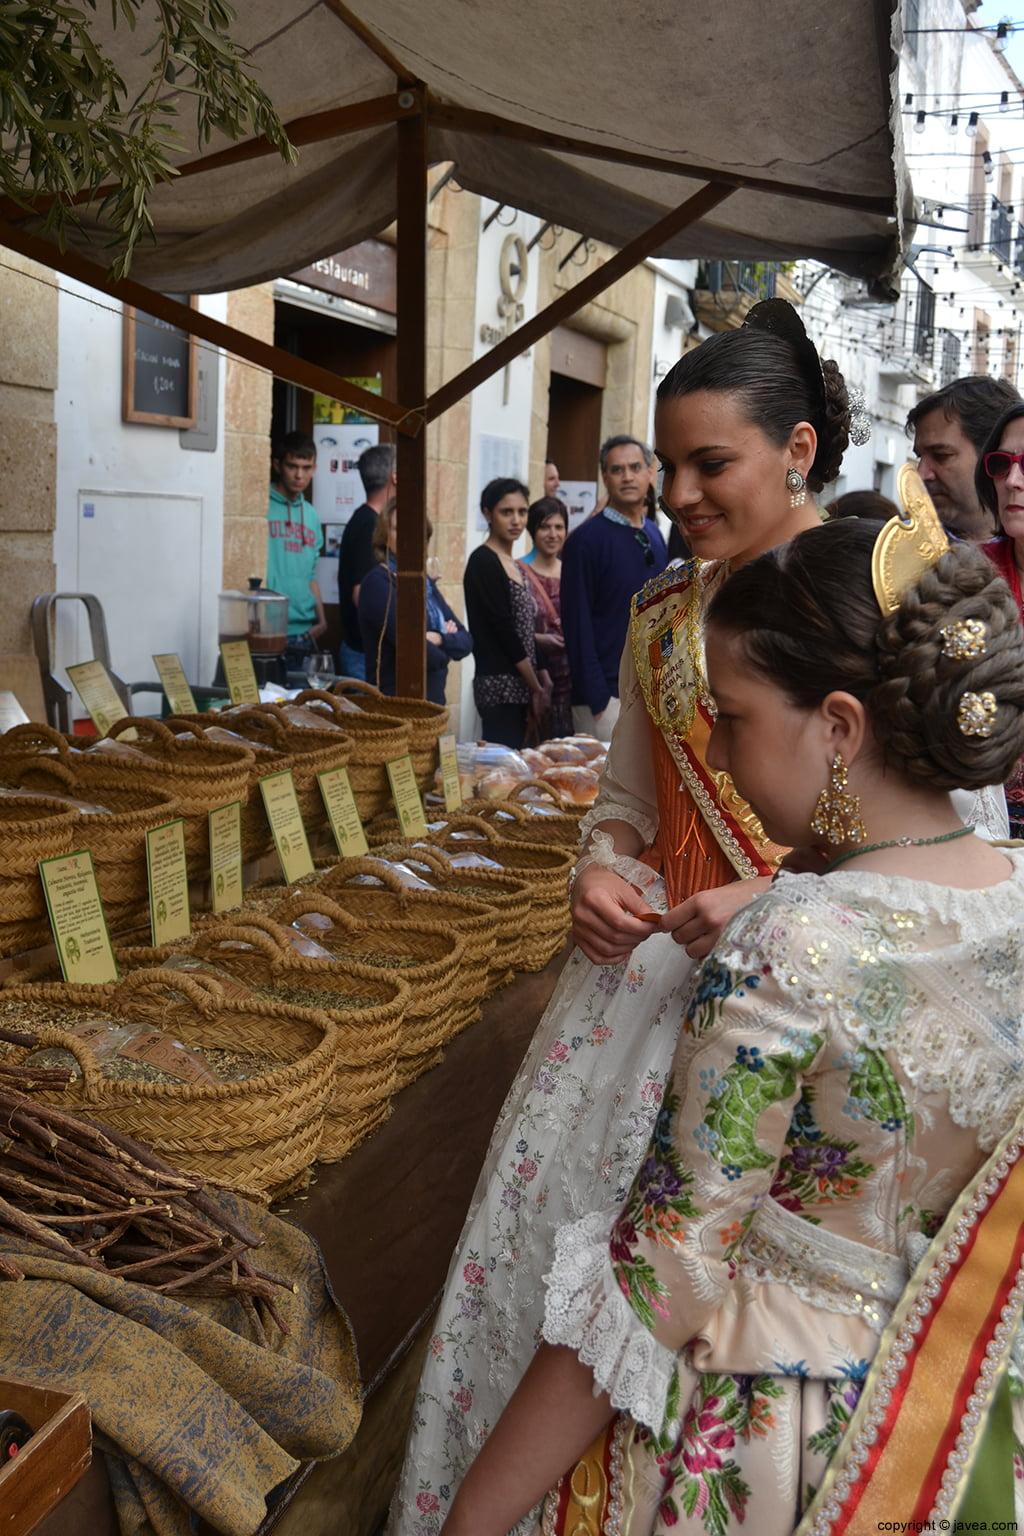 Ángela Devesa y Olivia Clemente visitando los puestos de la Feria de Artesanía